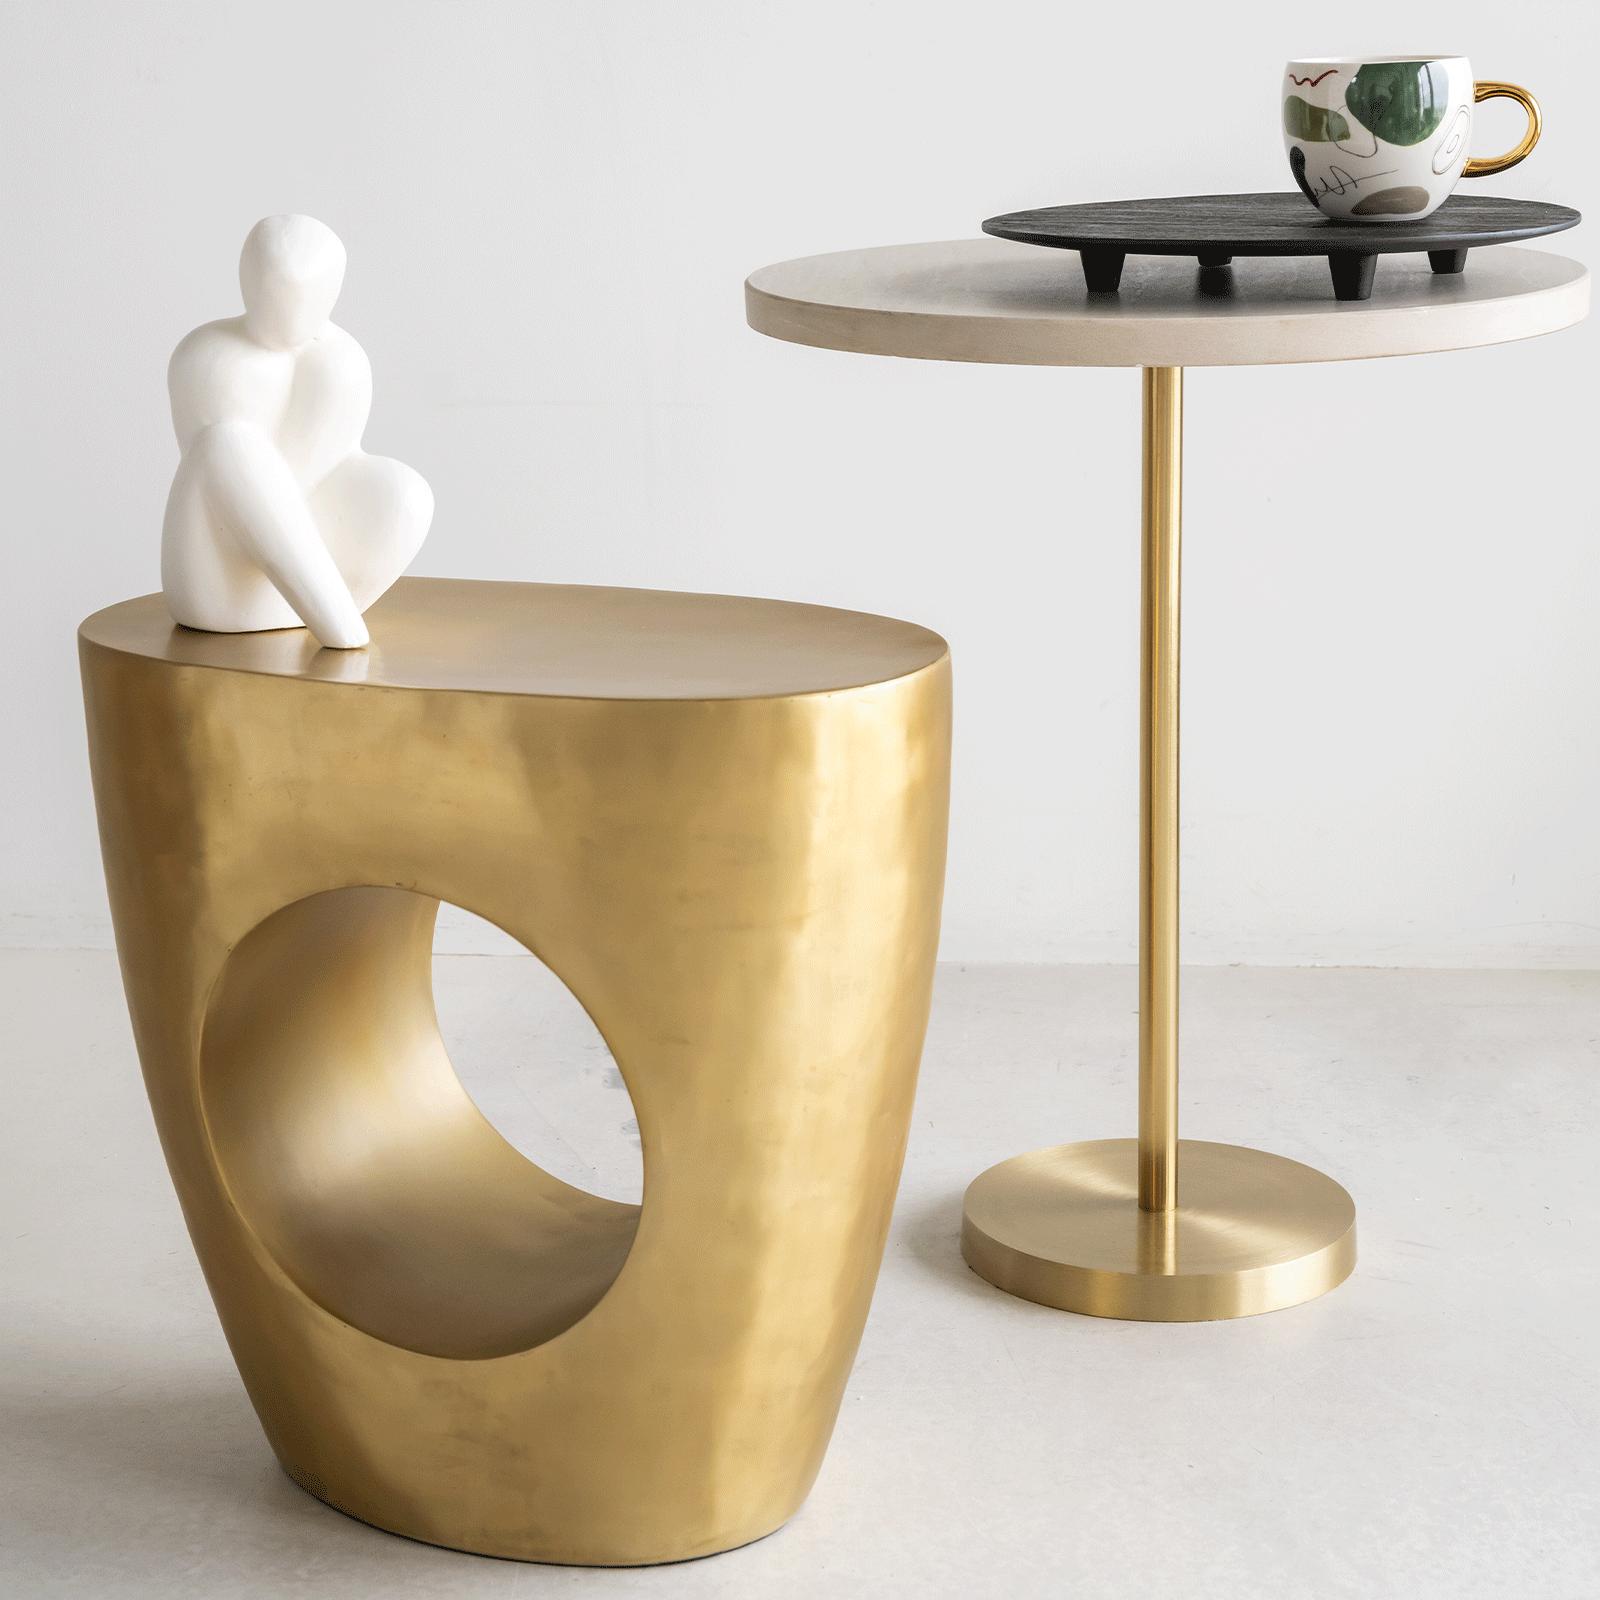 Petite table haute ronde en béton et pied métal * Urban Nature Culture